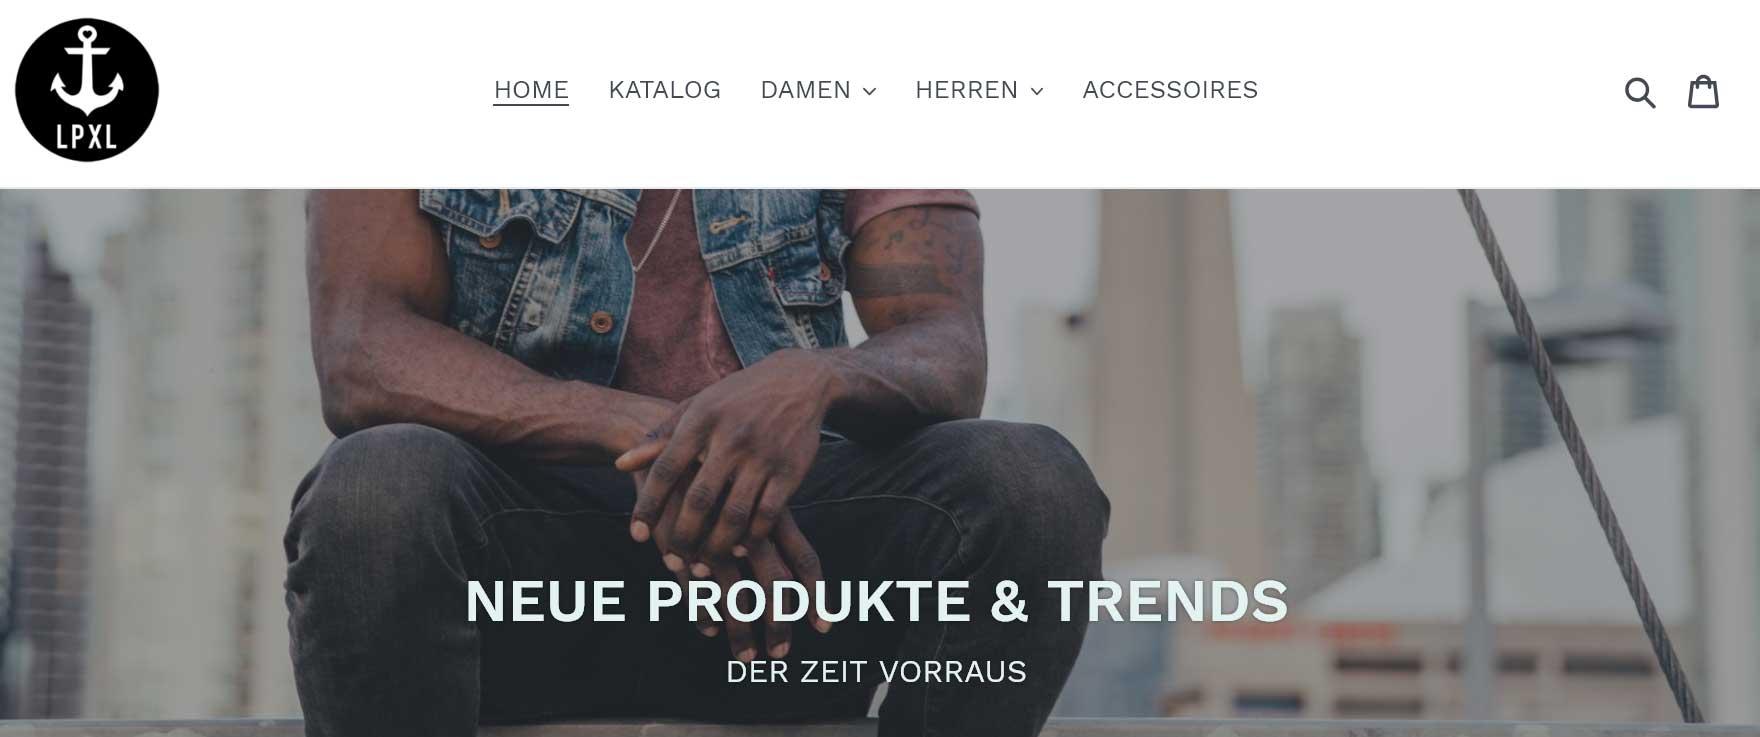 liebespixel-agentur-kirchheim-lpxl-web-shop-1